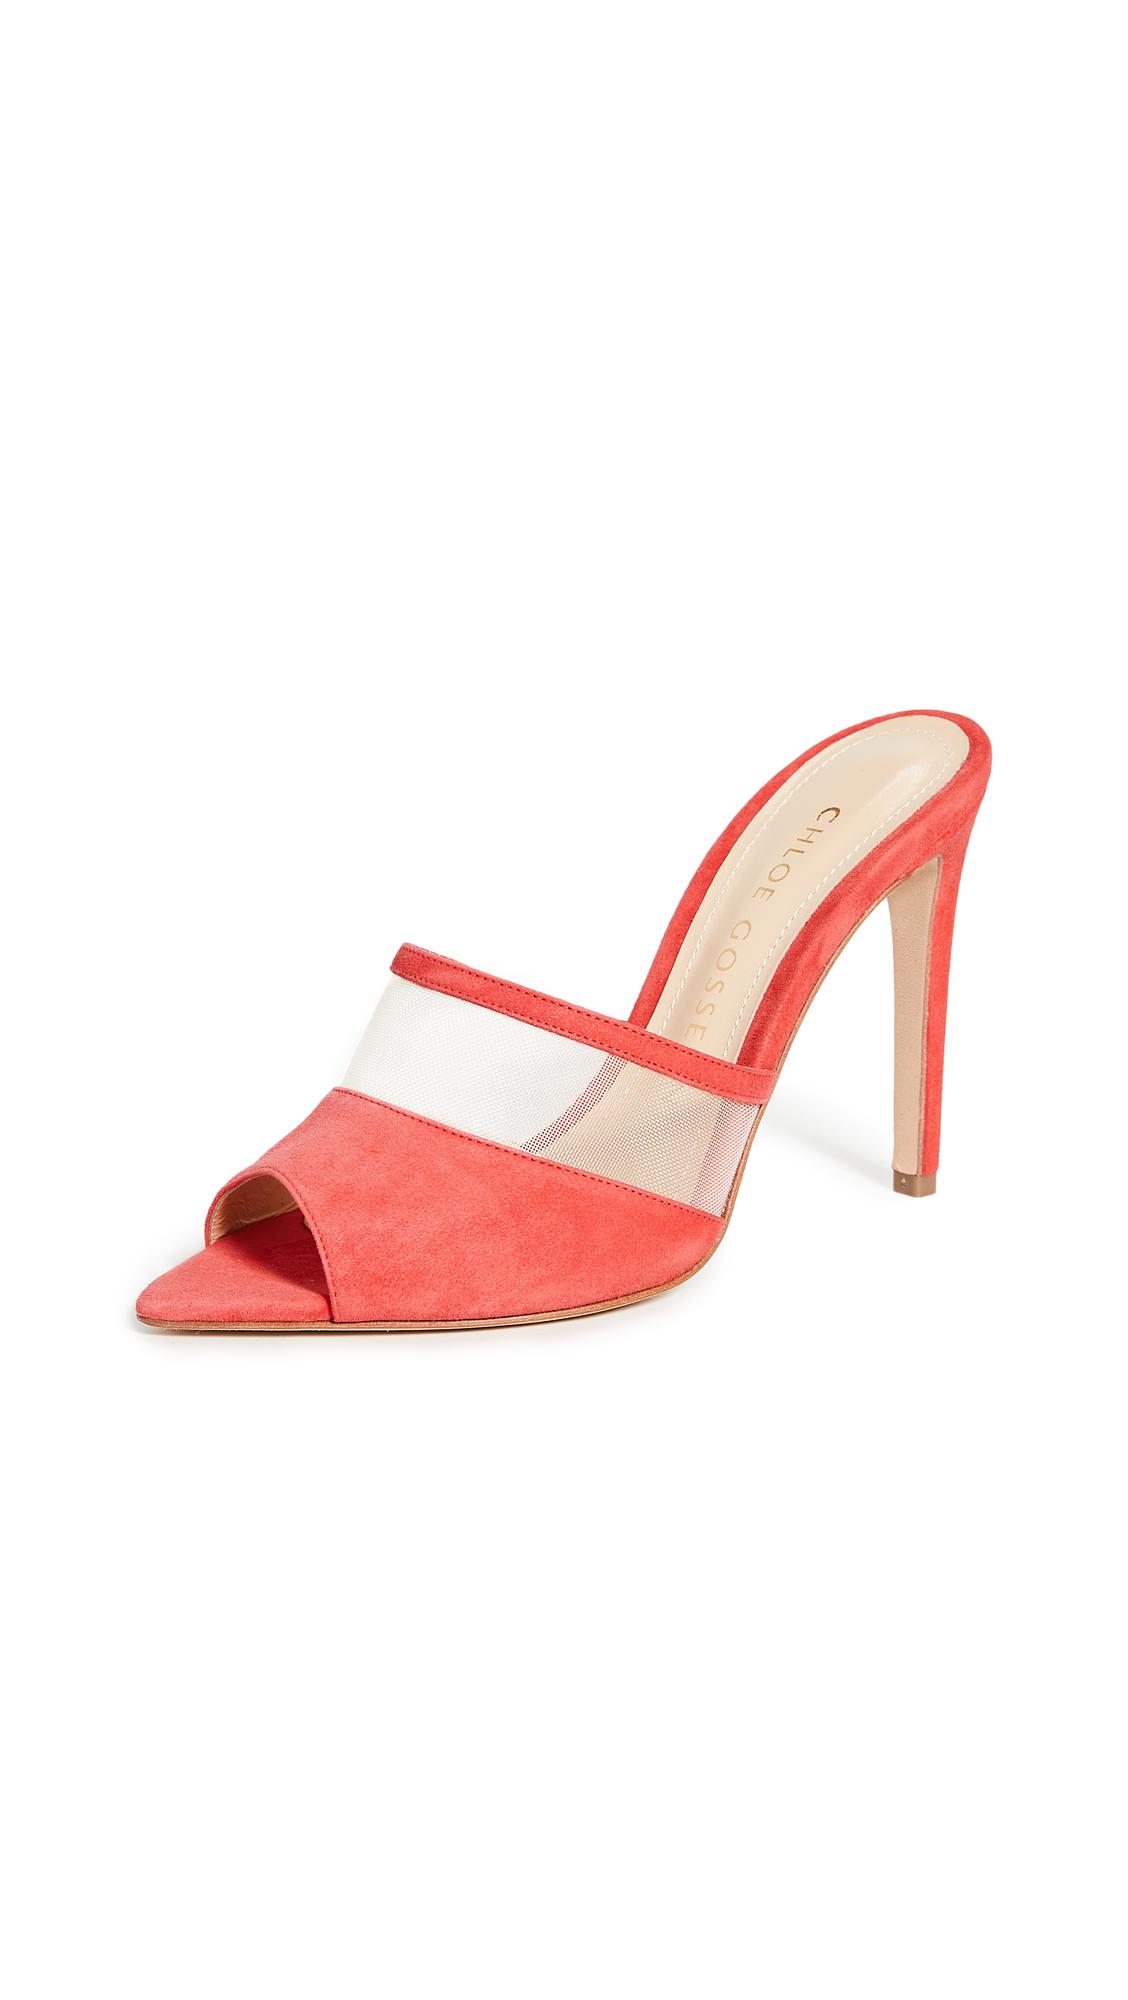 Buy Chloe Gosselin Liz Pointed Open Toe Mules online, shop Chloe Gosselin